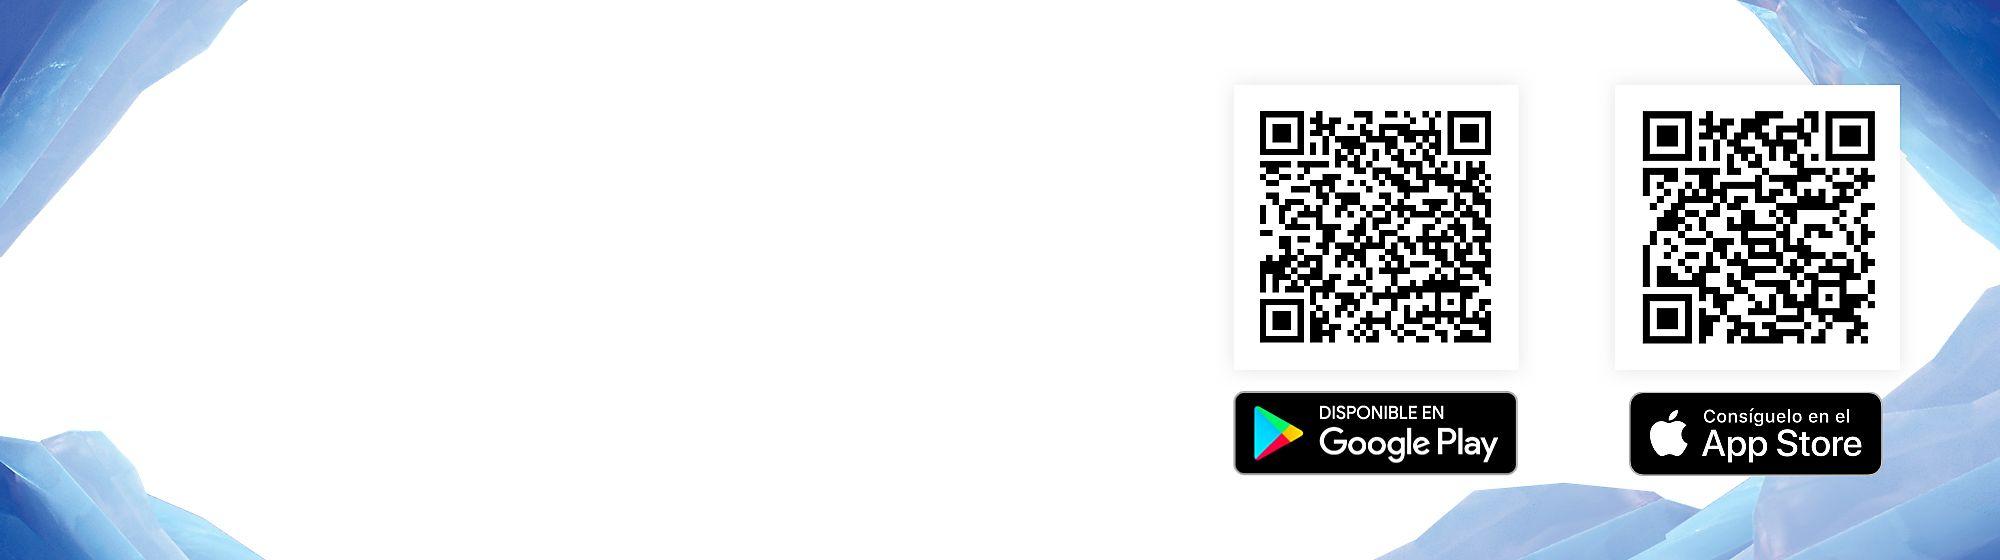 Escanea el código QR con tu móvil para descargar la app 'Disney Scan'